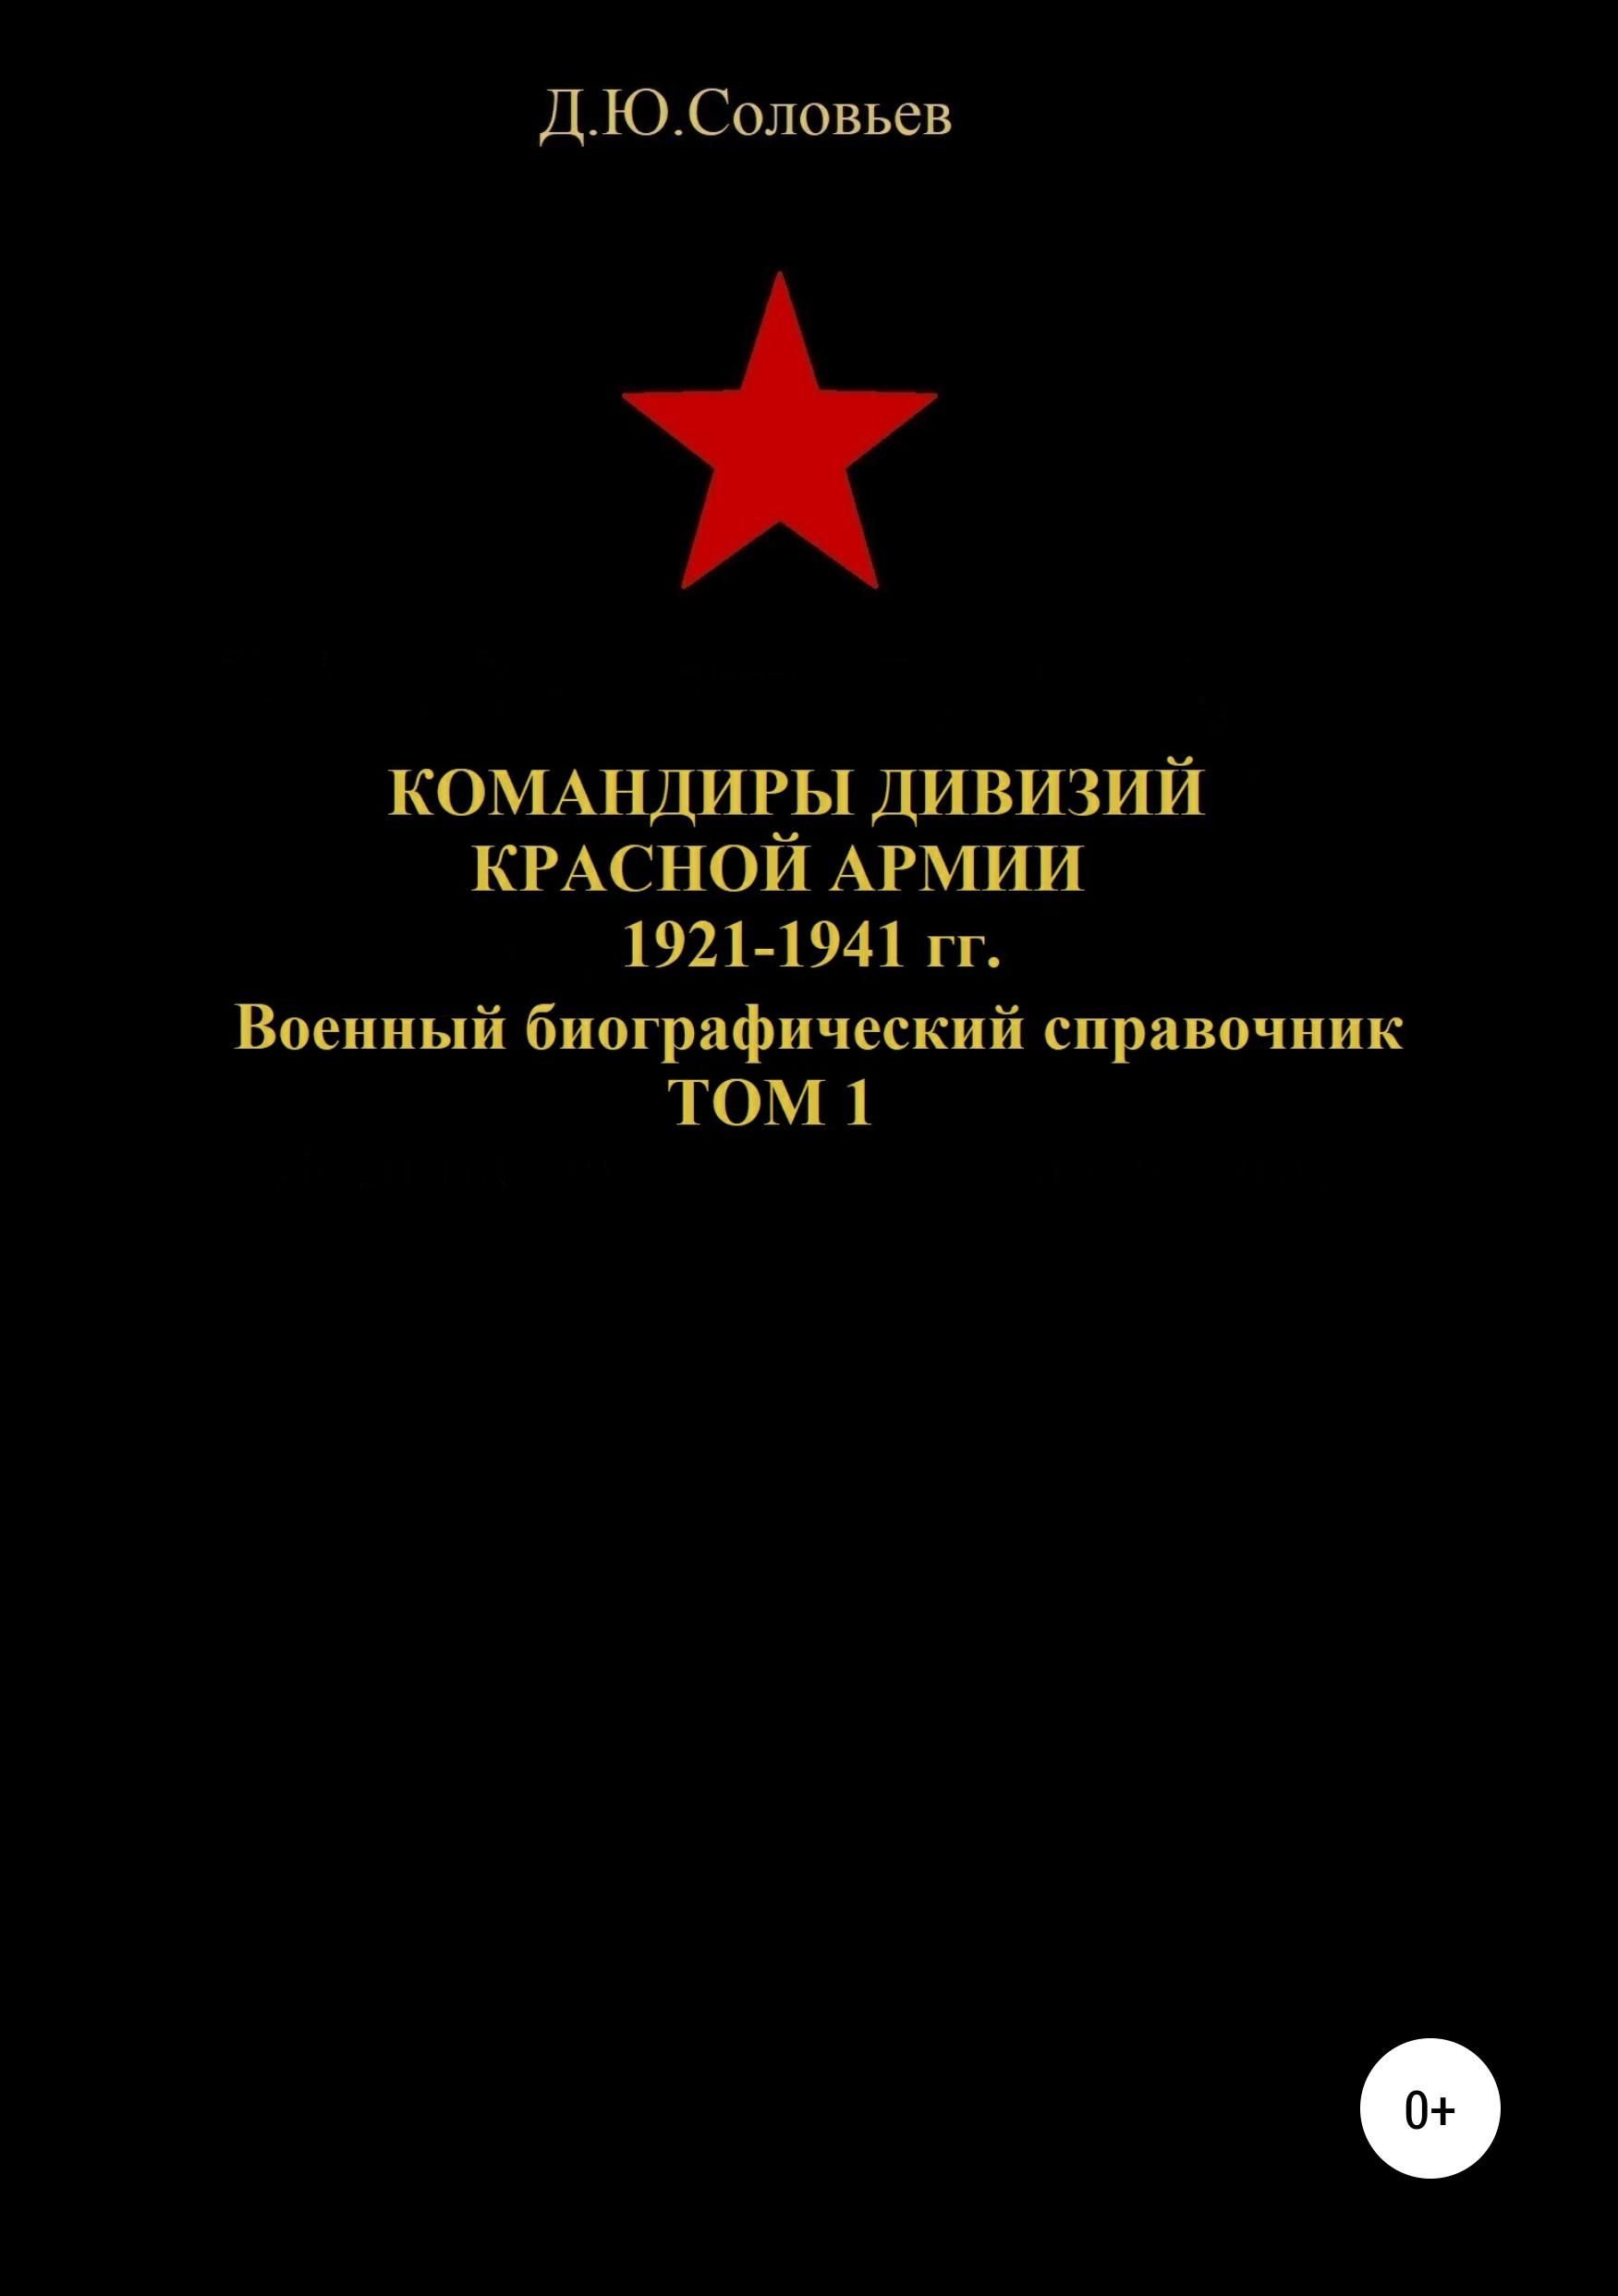 Командиры дивизий Красной Армии 1921-1941 гг. Том 1